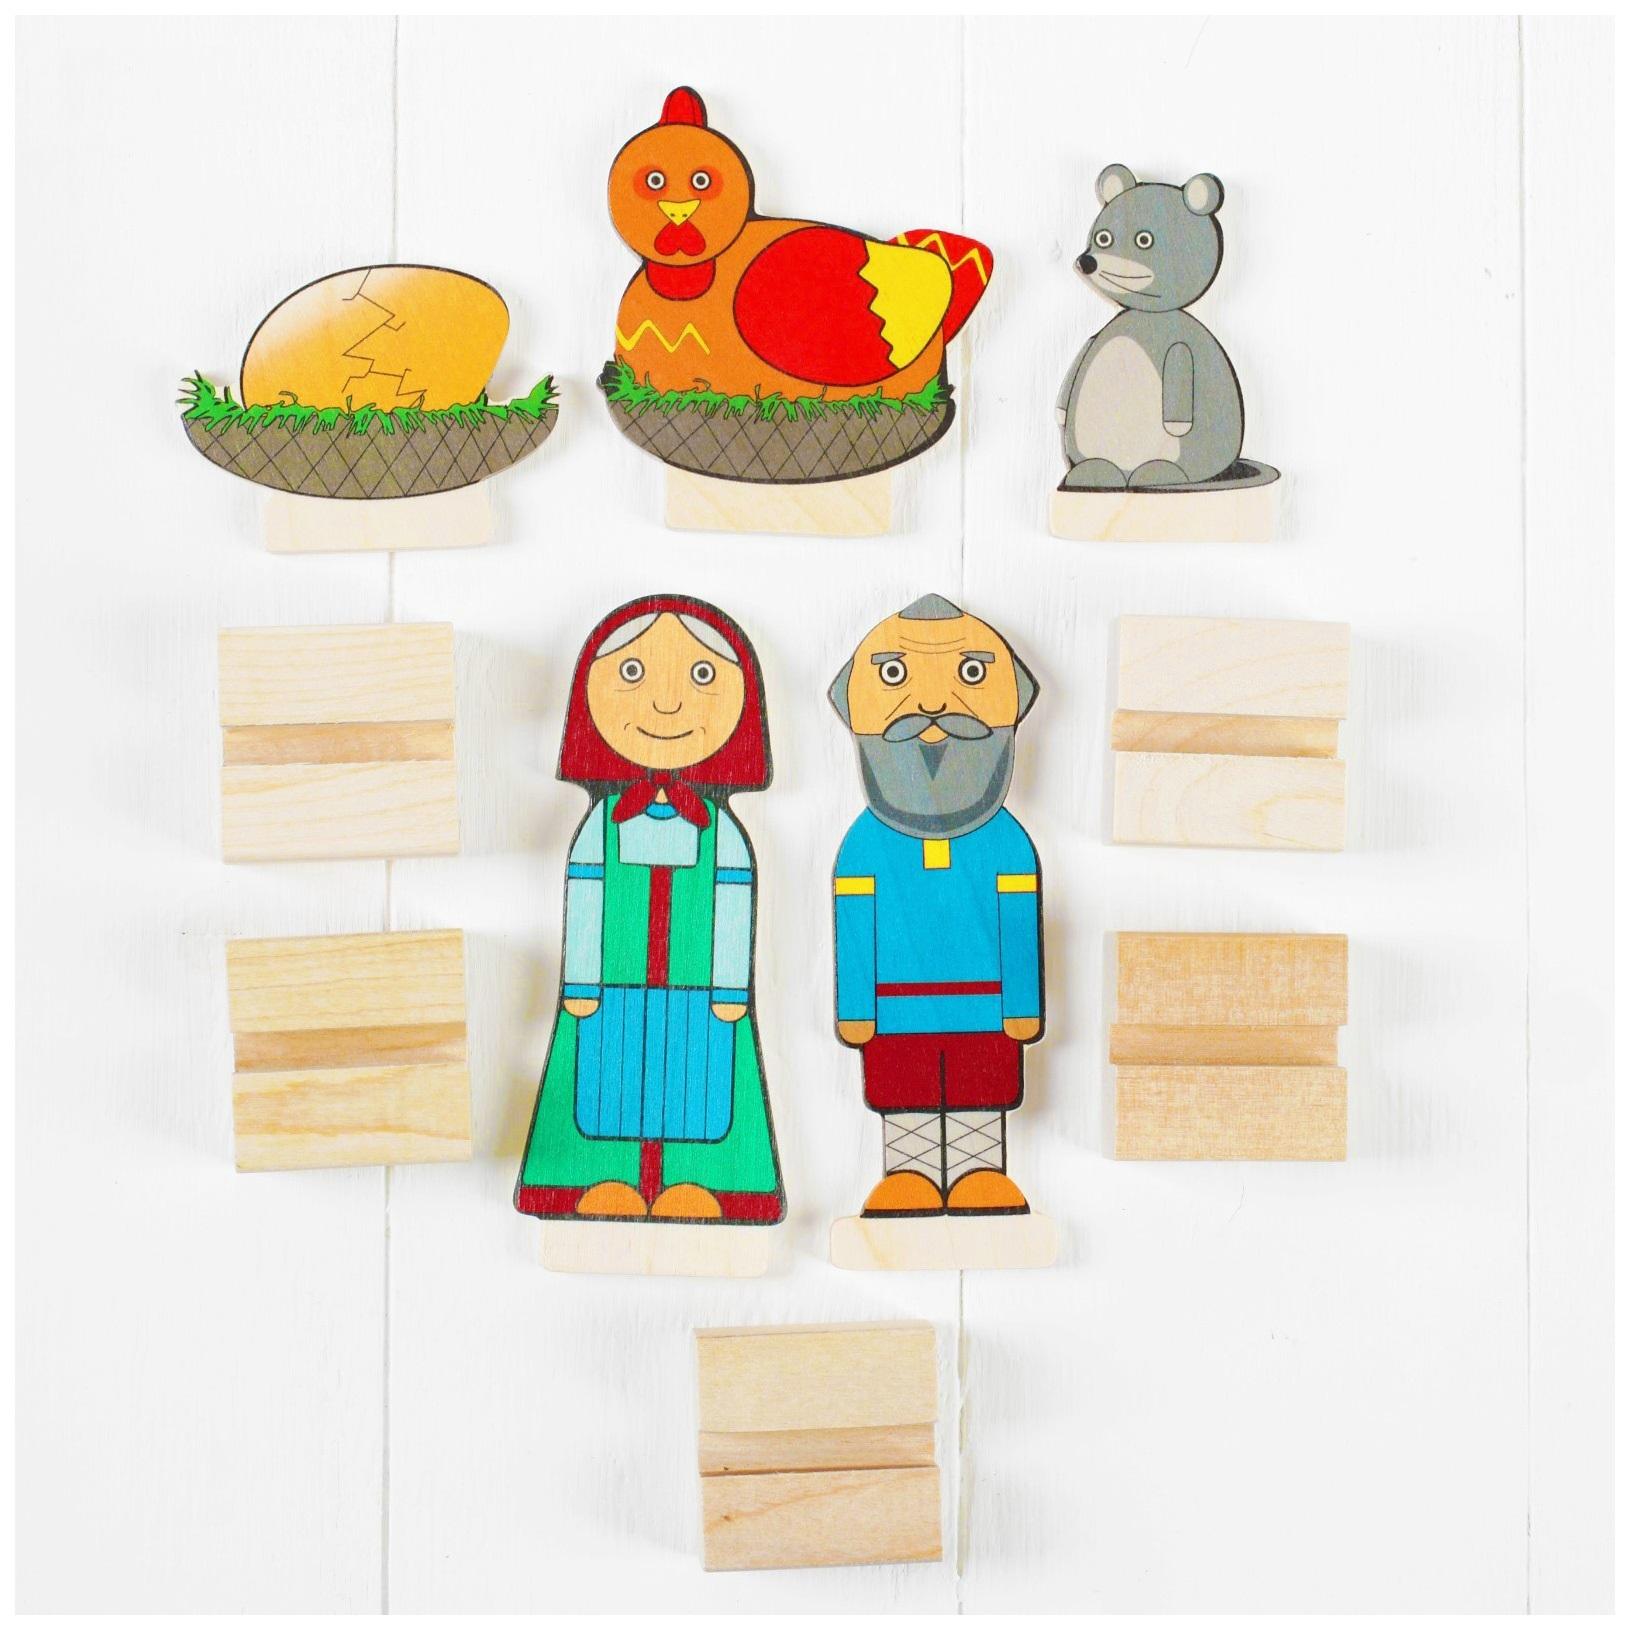 Персонажи сказки курочка ряба картинки героев для кукольного театра